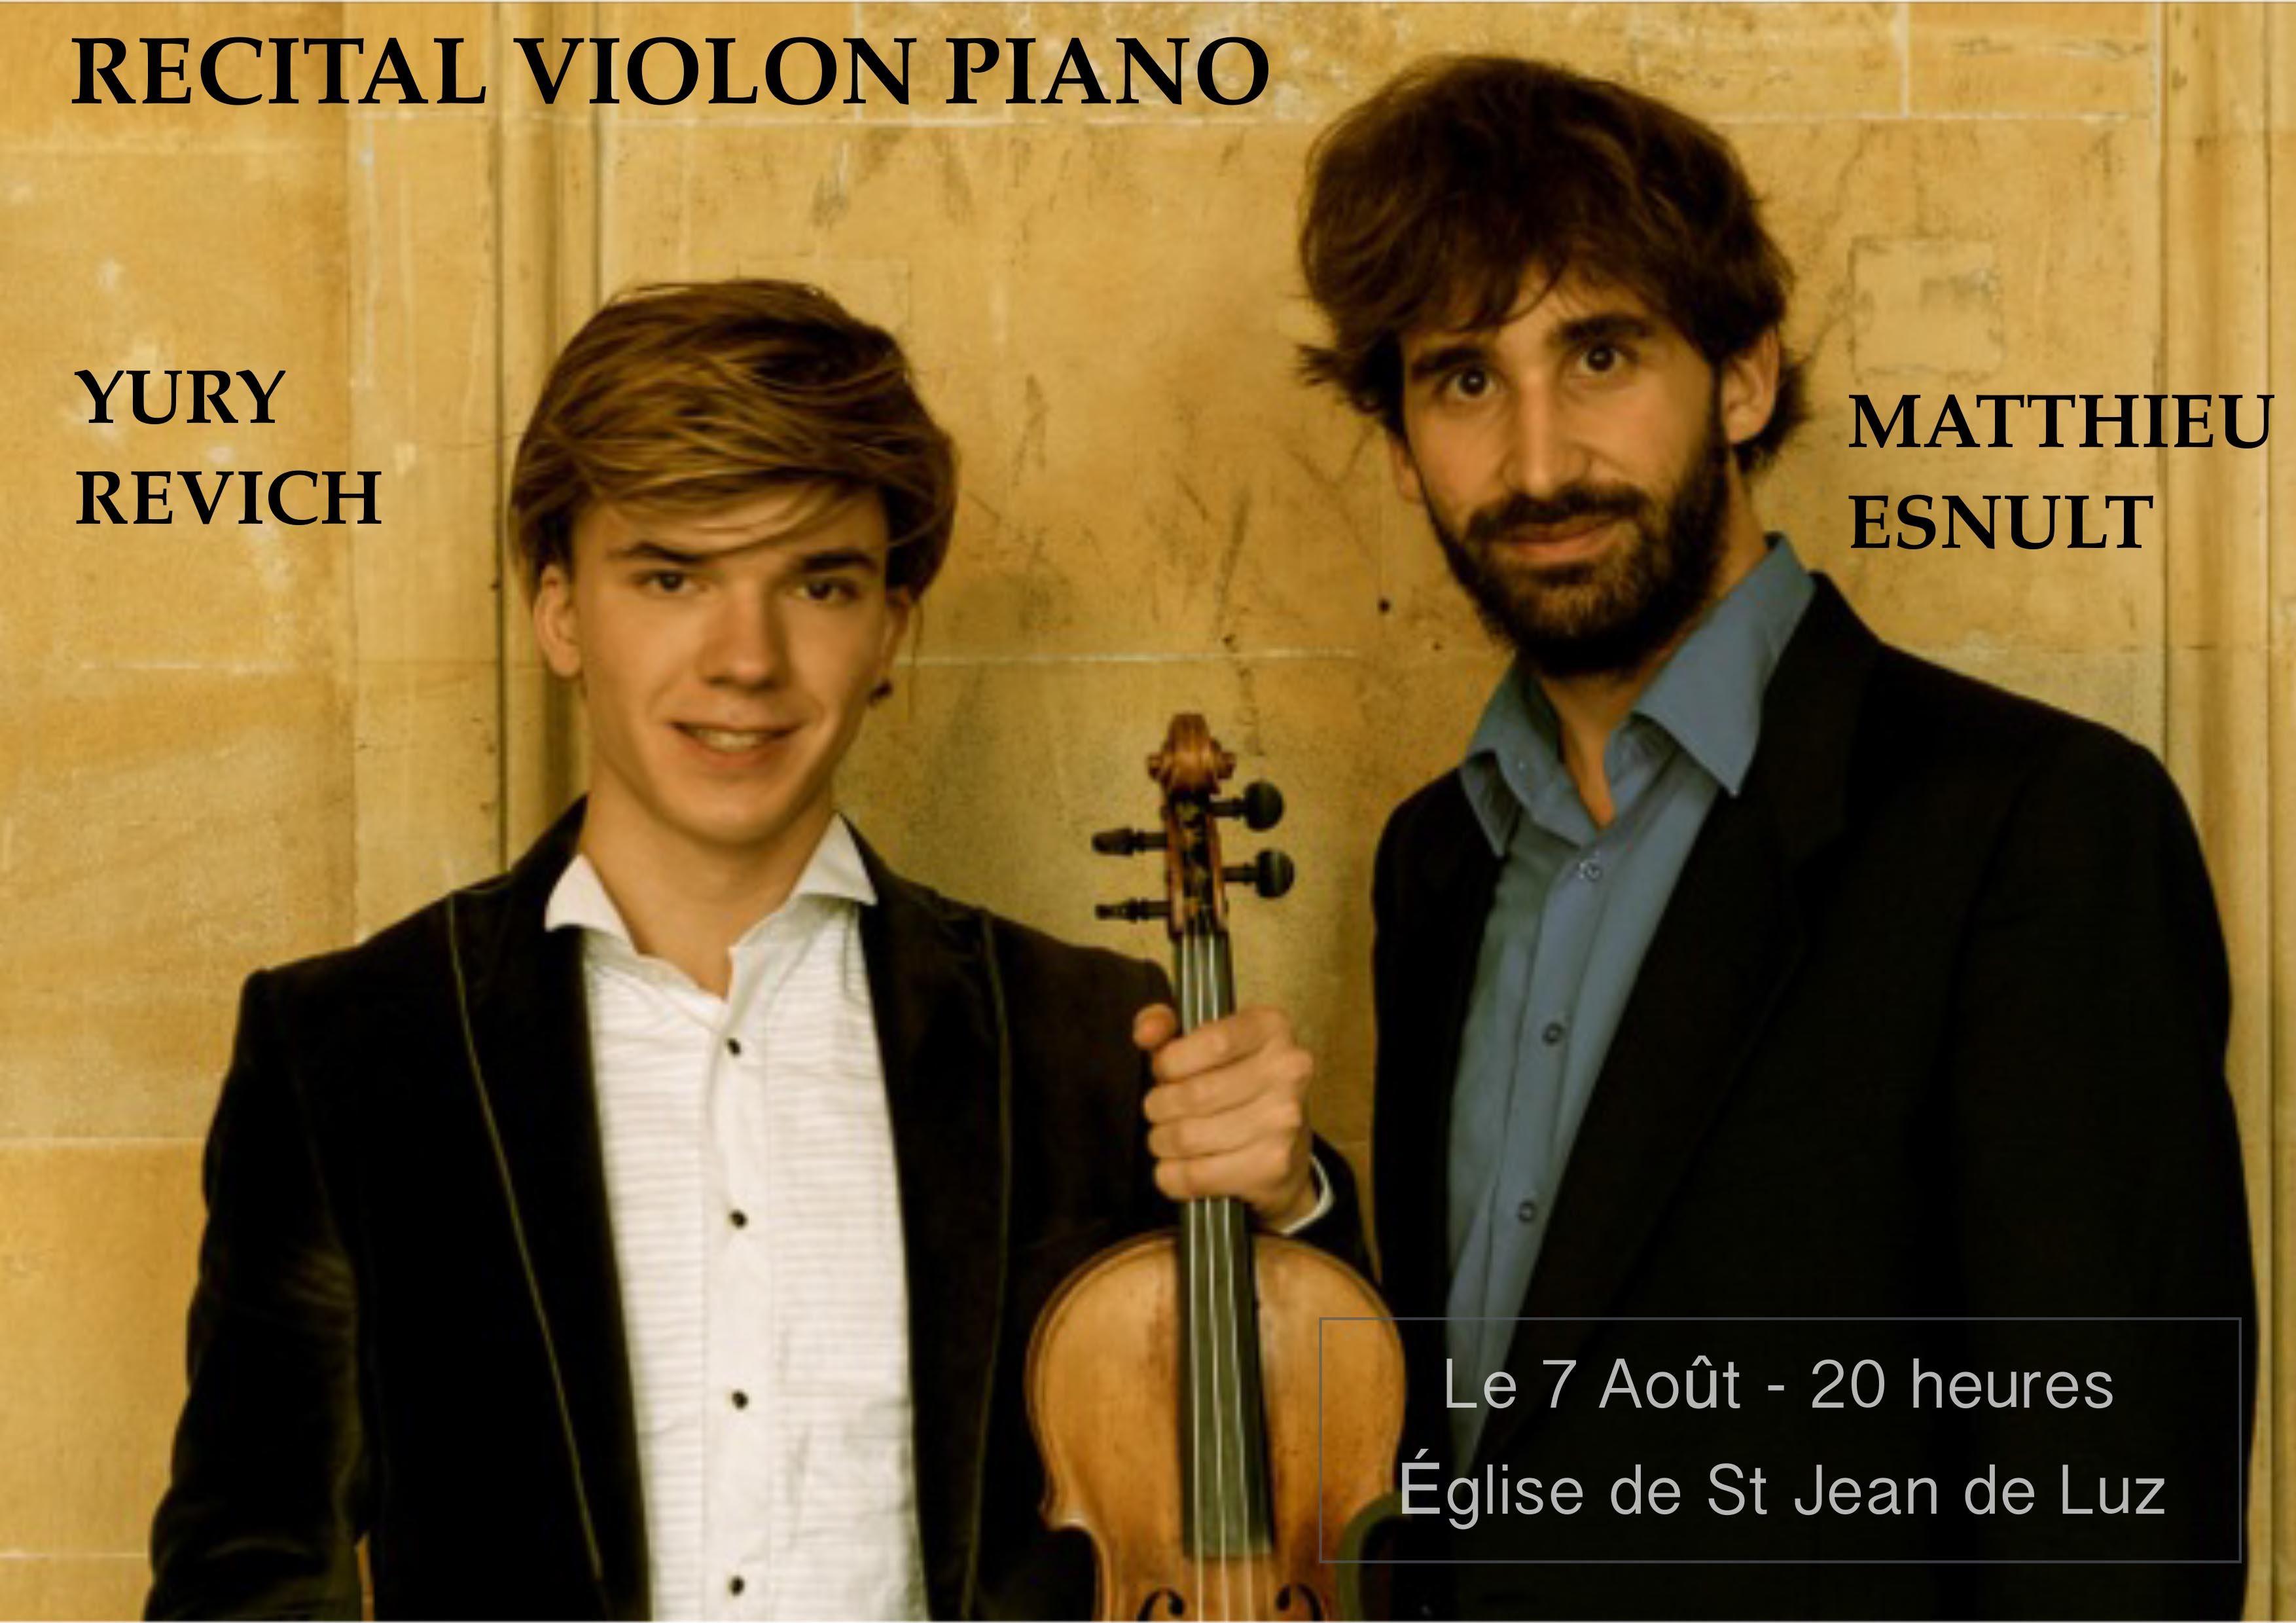 Récital de VIOLON-PIANO - YURY REVICH - MATTHIEU ESNULT - lundi 7 aout 2017 - 20 heures - EGLISE DE SAINT JEAN DE LUZ